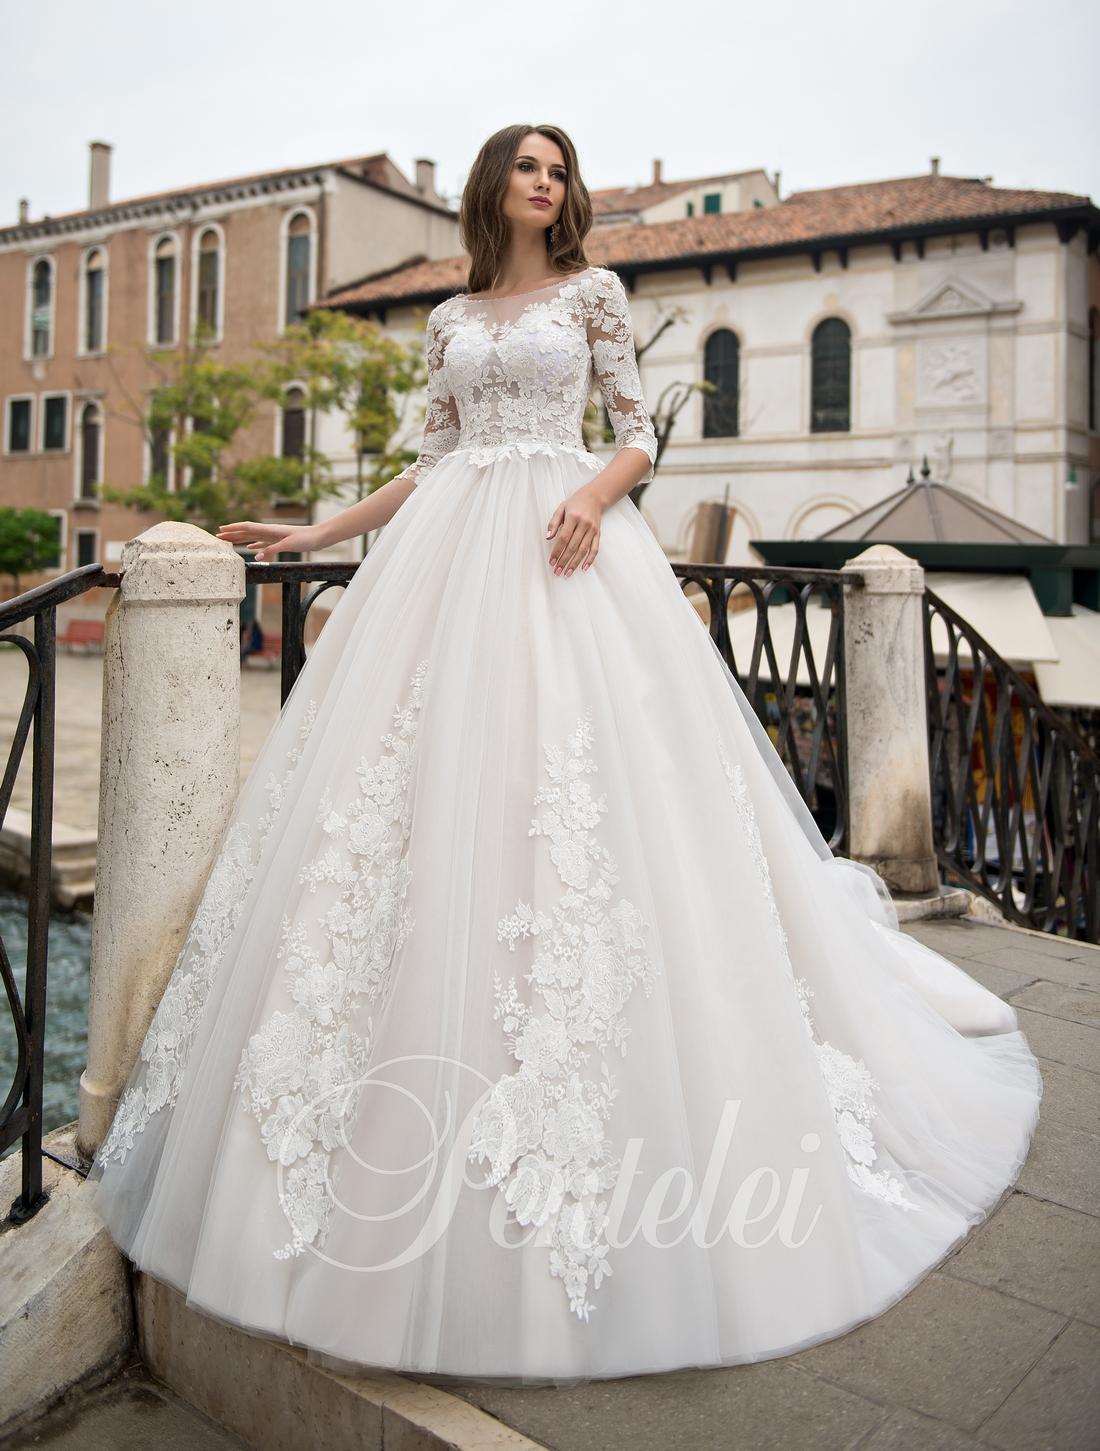 Кружевные свадебные платья оптом от Pentelei